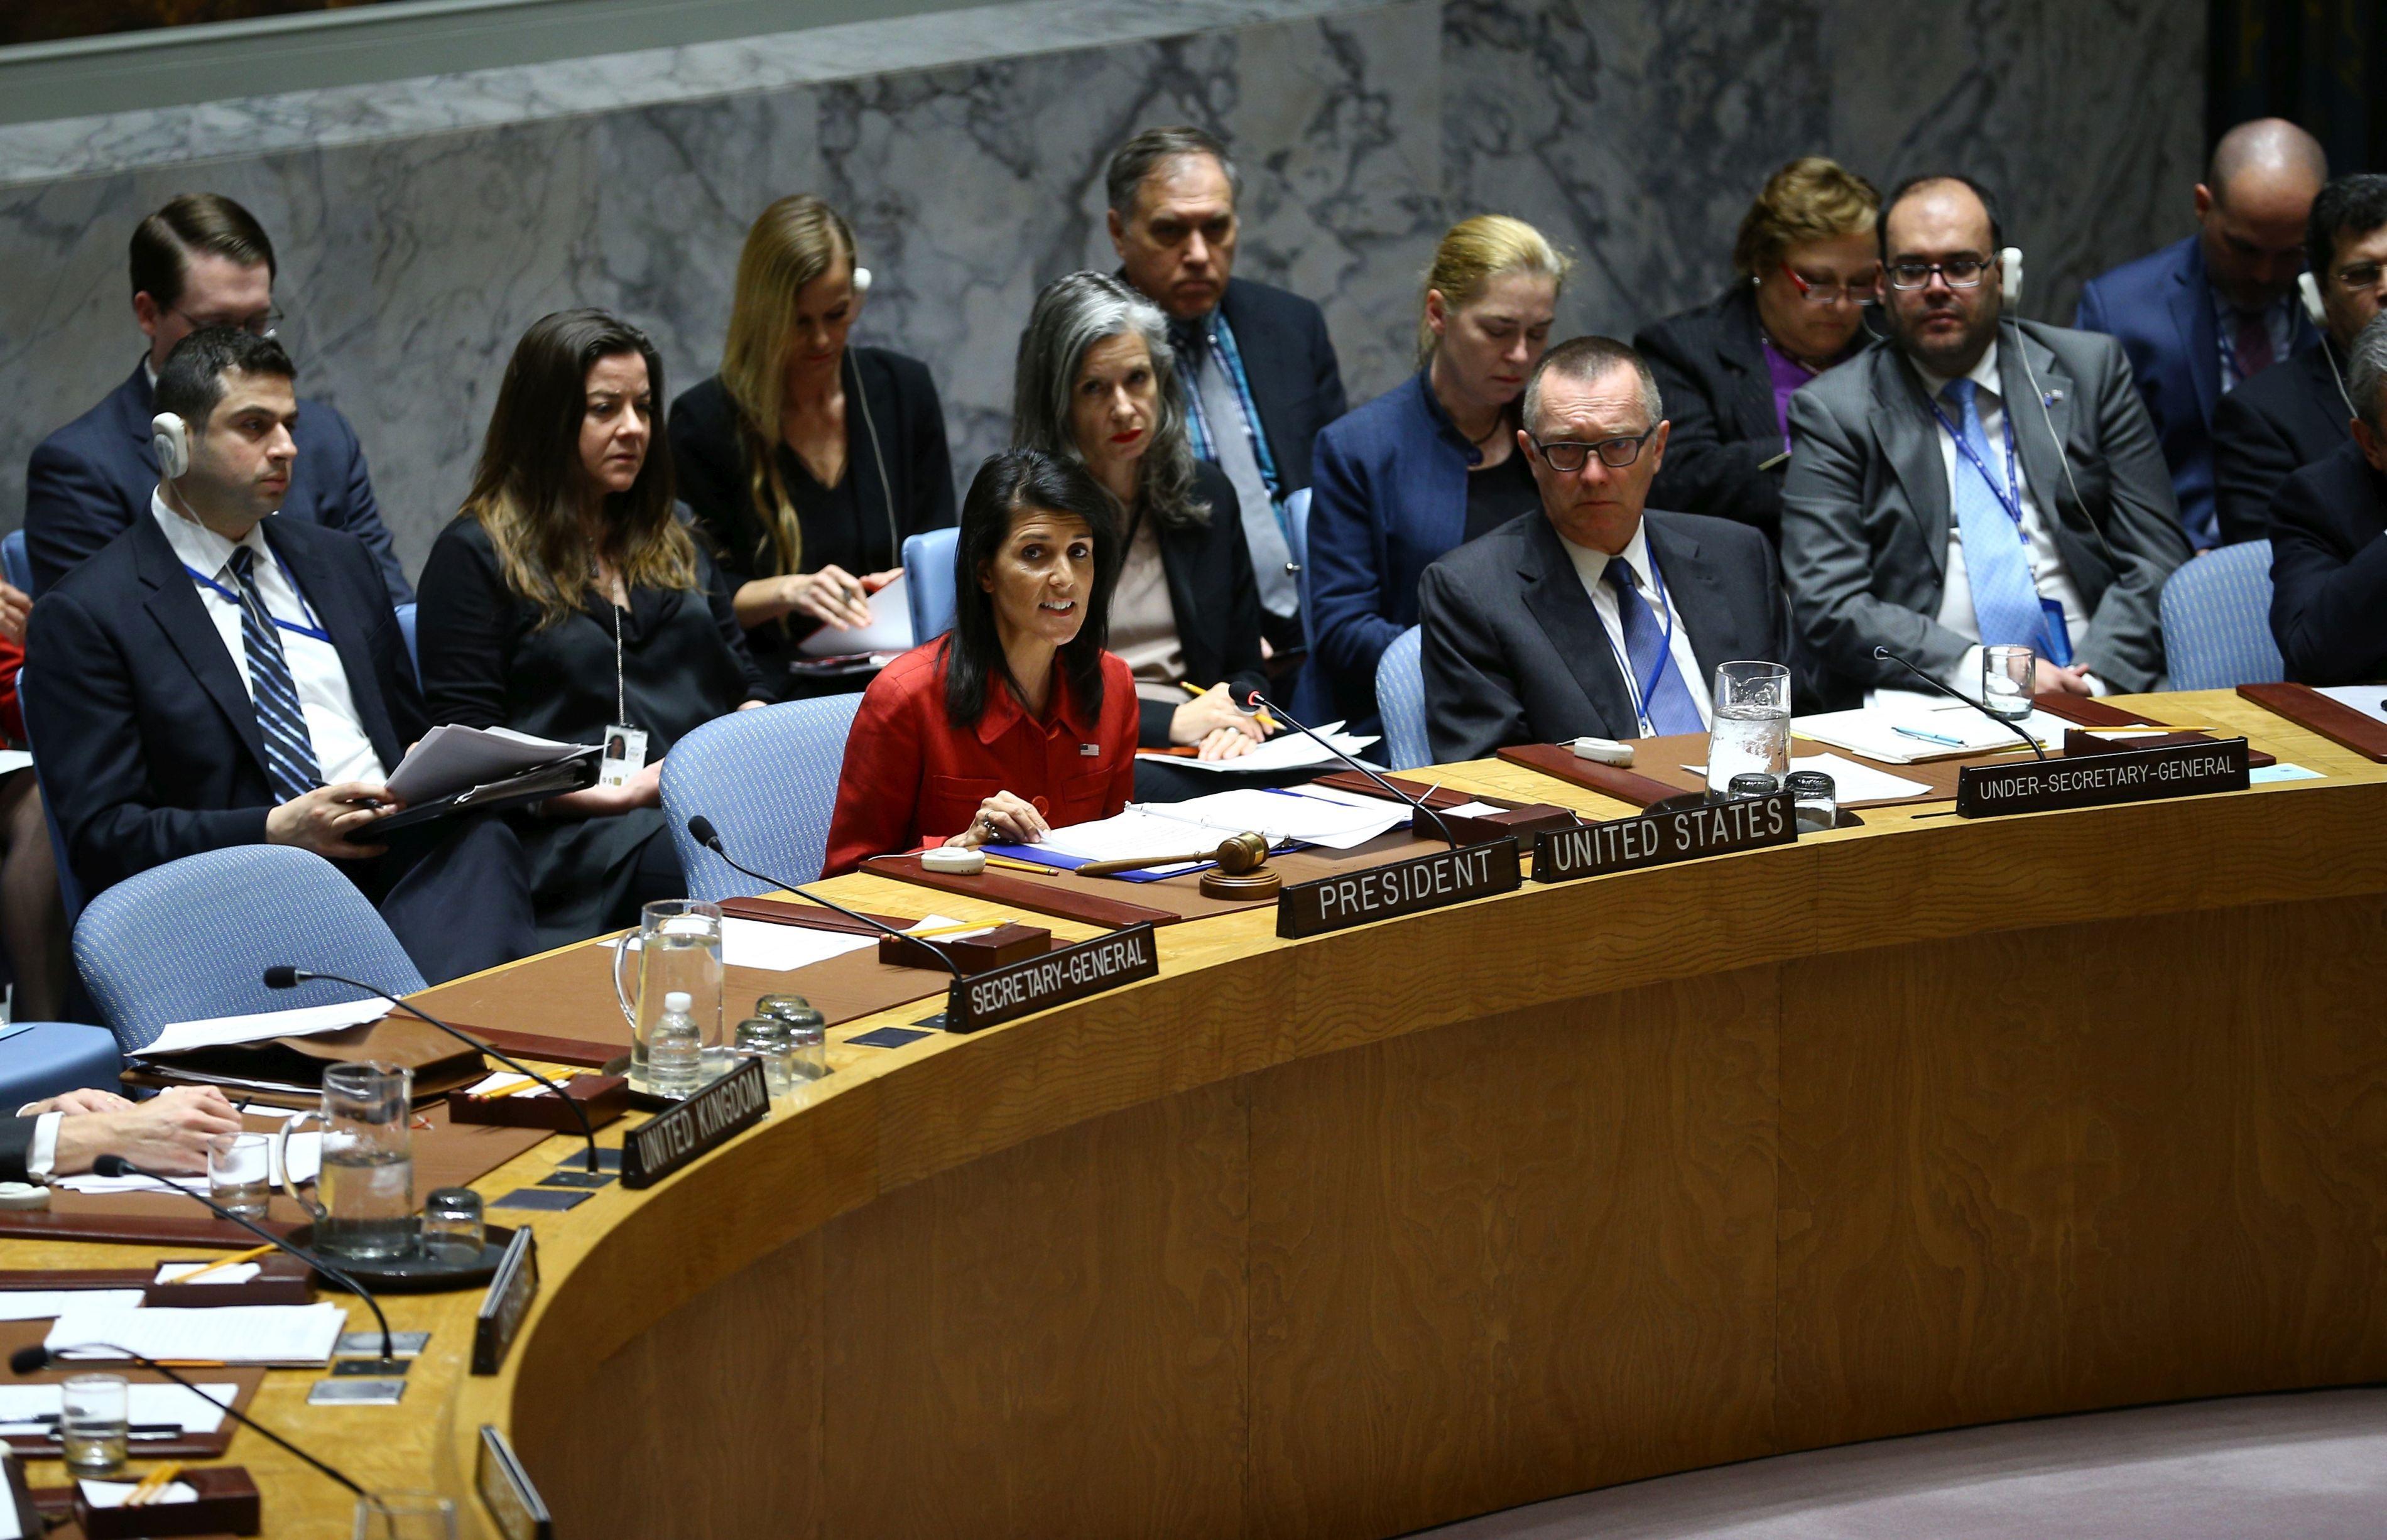 Nikki Haley susţine că va prezenta dovezi incontestabile că Iranul încalcă rezoluţiile ONU